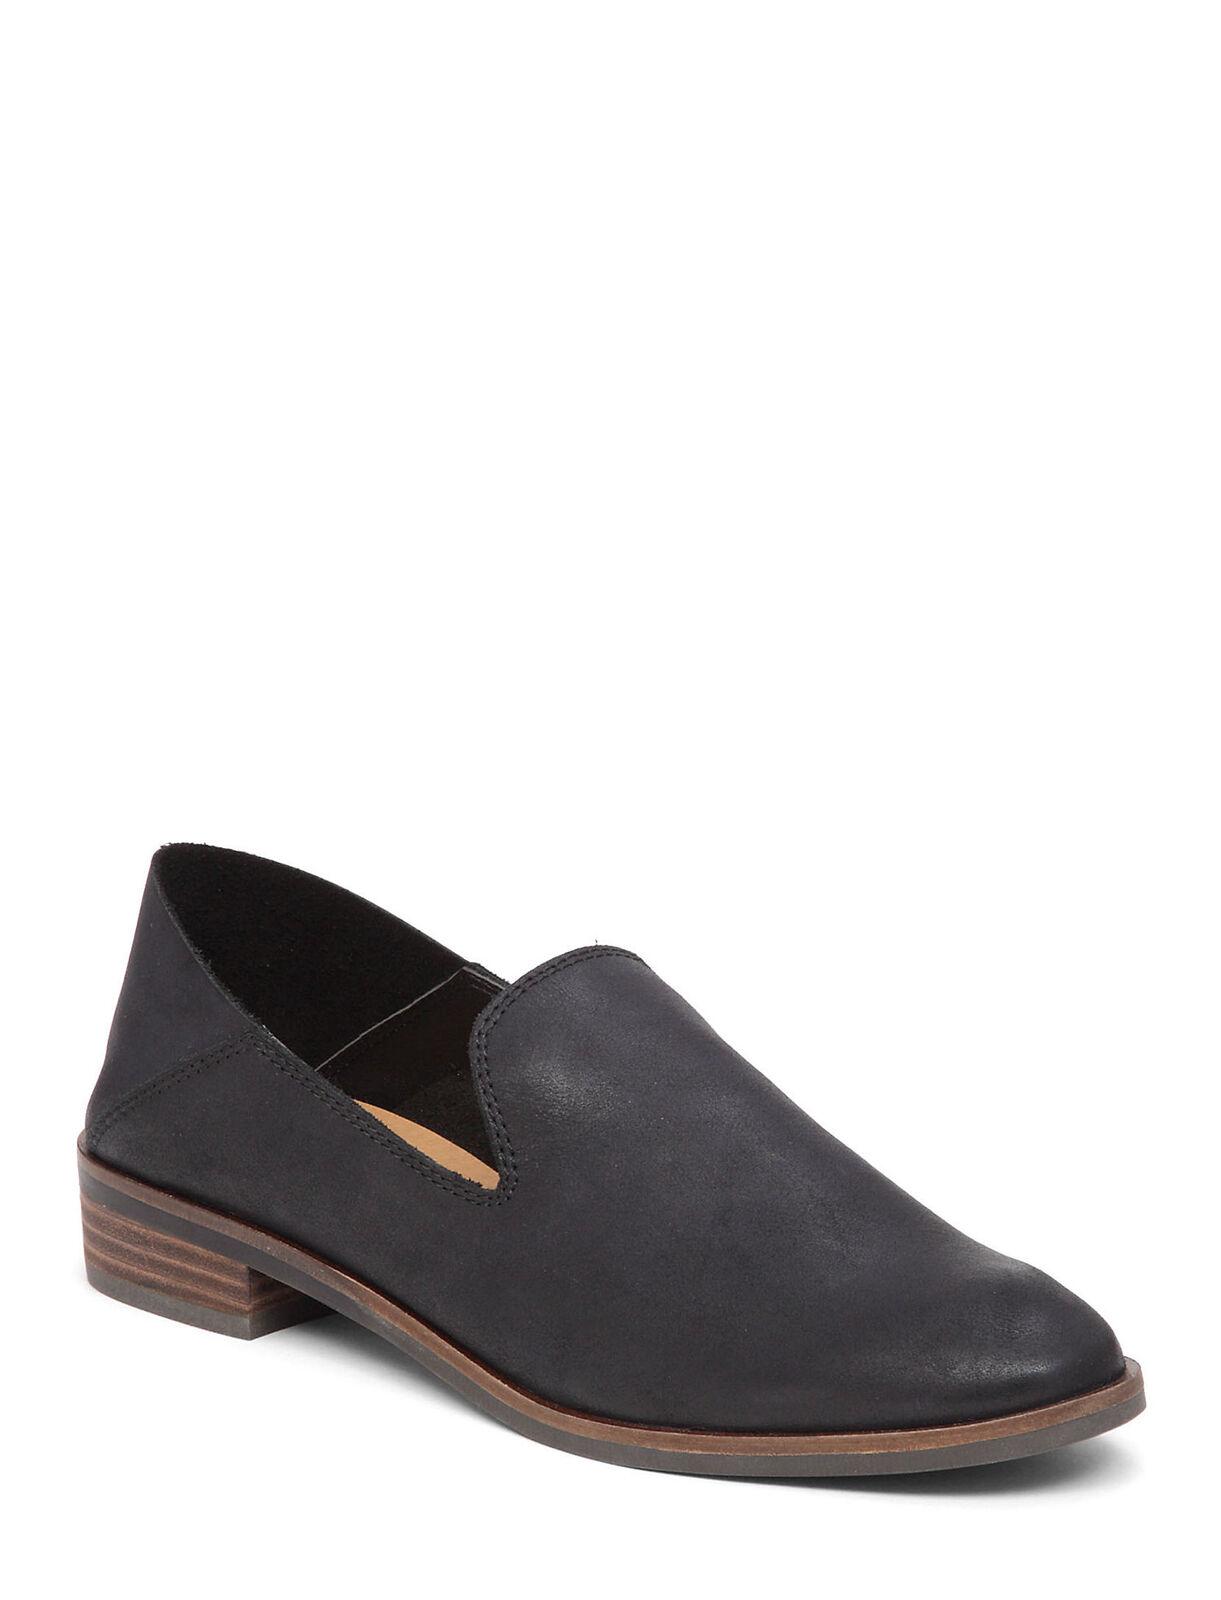 si affrettò a vedere Lucky Brand Brand Brand donna Cahill Loafer Flat  merce di alta qualità e servizio conveniente e onesto